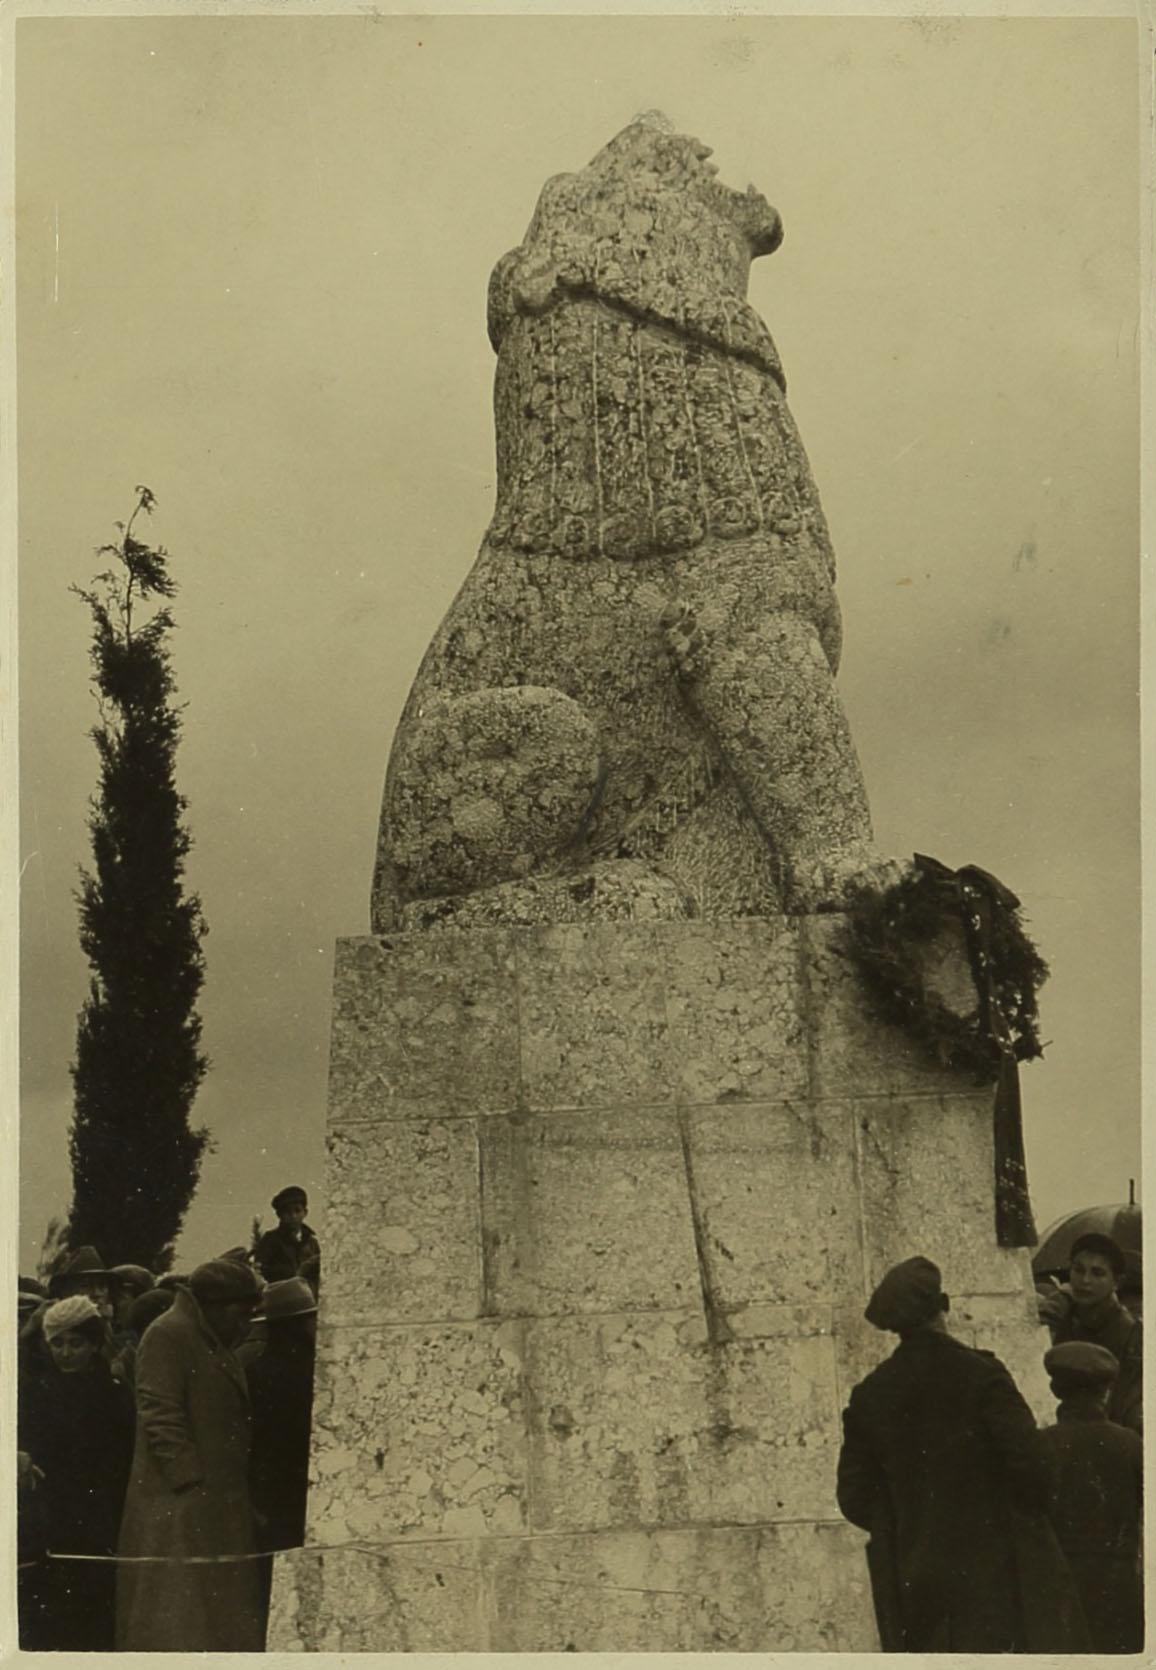 טקס גילוי האנדרטה לגיבורי תל-חי, 23 בפברואר 1932. צלם: בלתי ידוע. ארכיון אברהם מלניקוב, ARC. 4* 1956 03 41